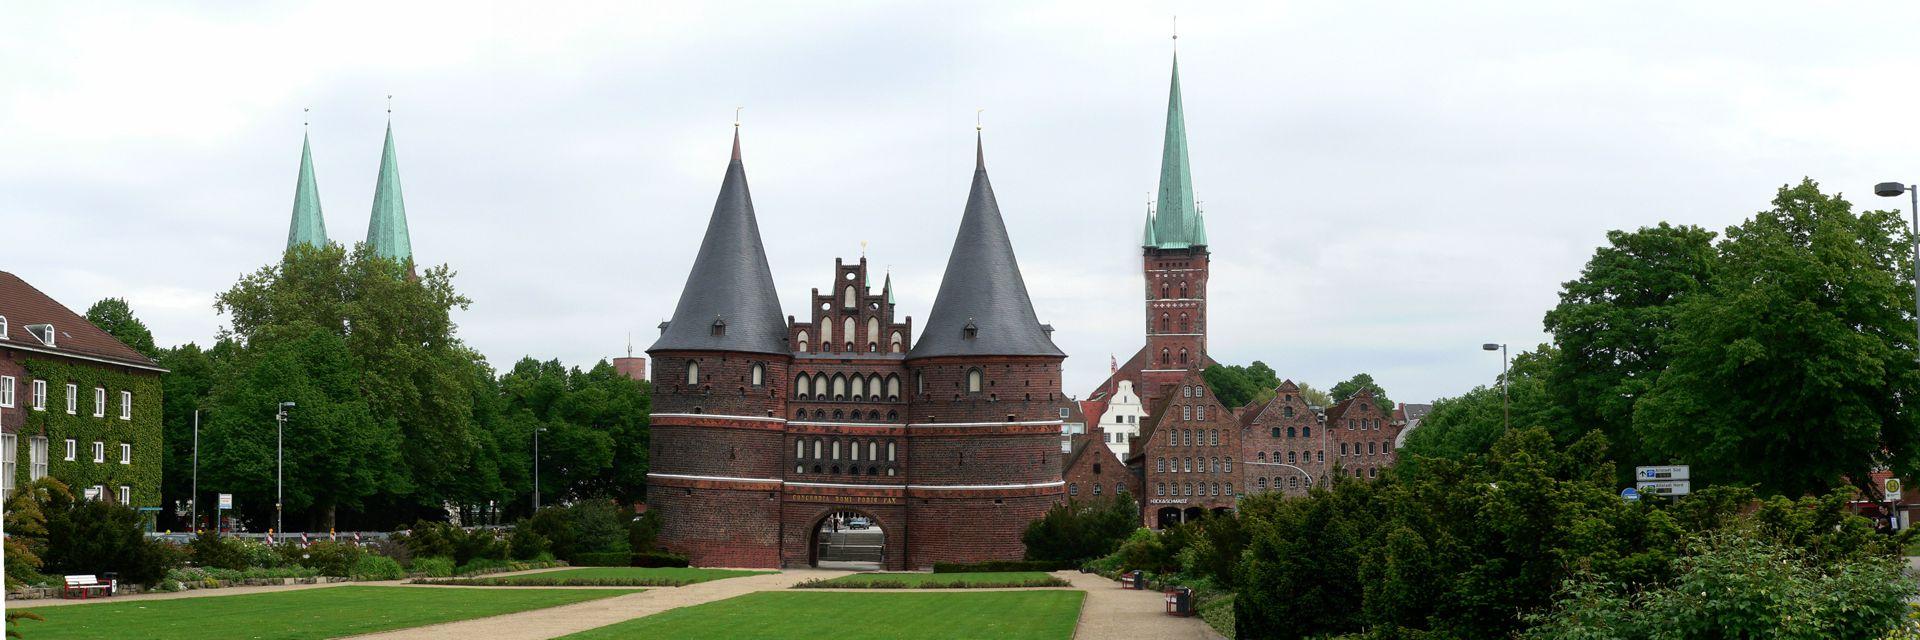 Willkommen in Lübeck